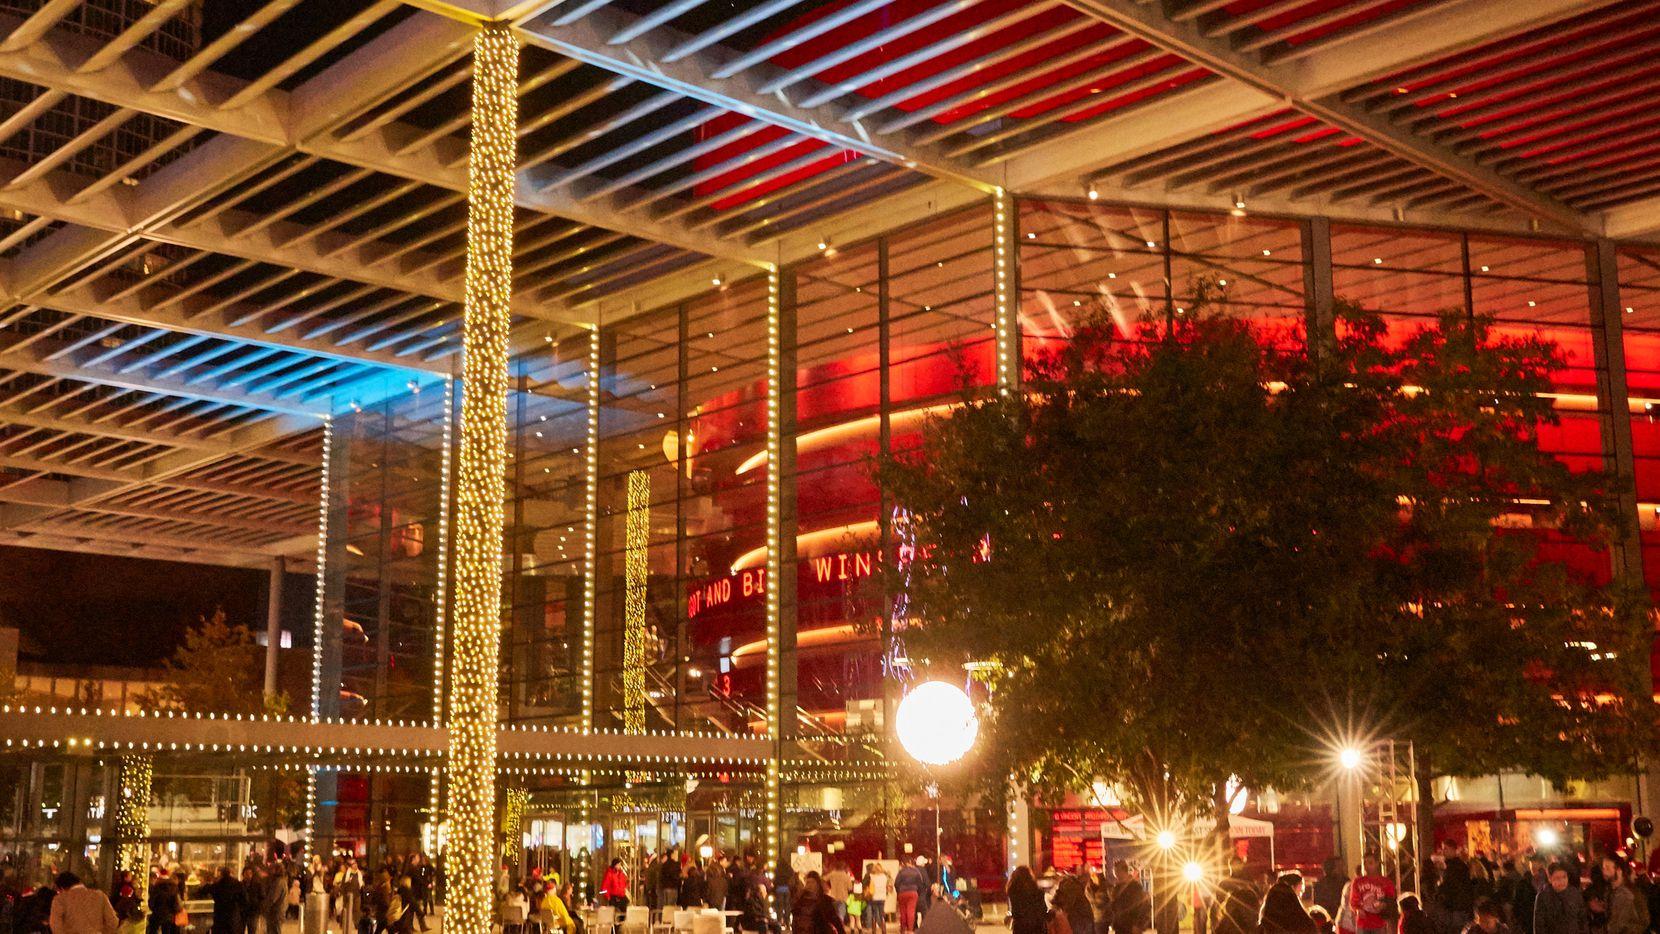 El AT&T Performing Arts Center se llenará de luces navideñas durante las fiestas.